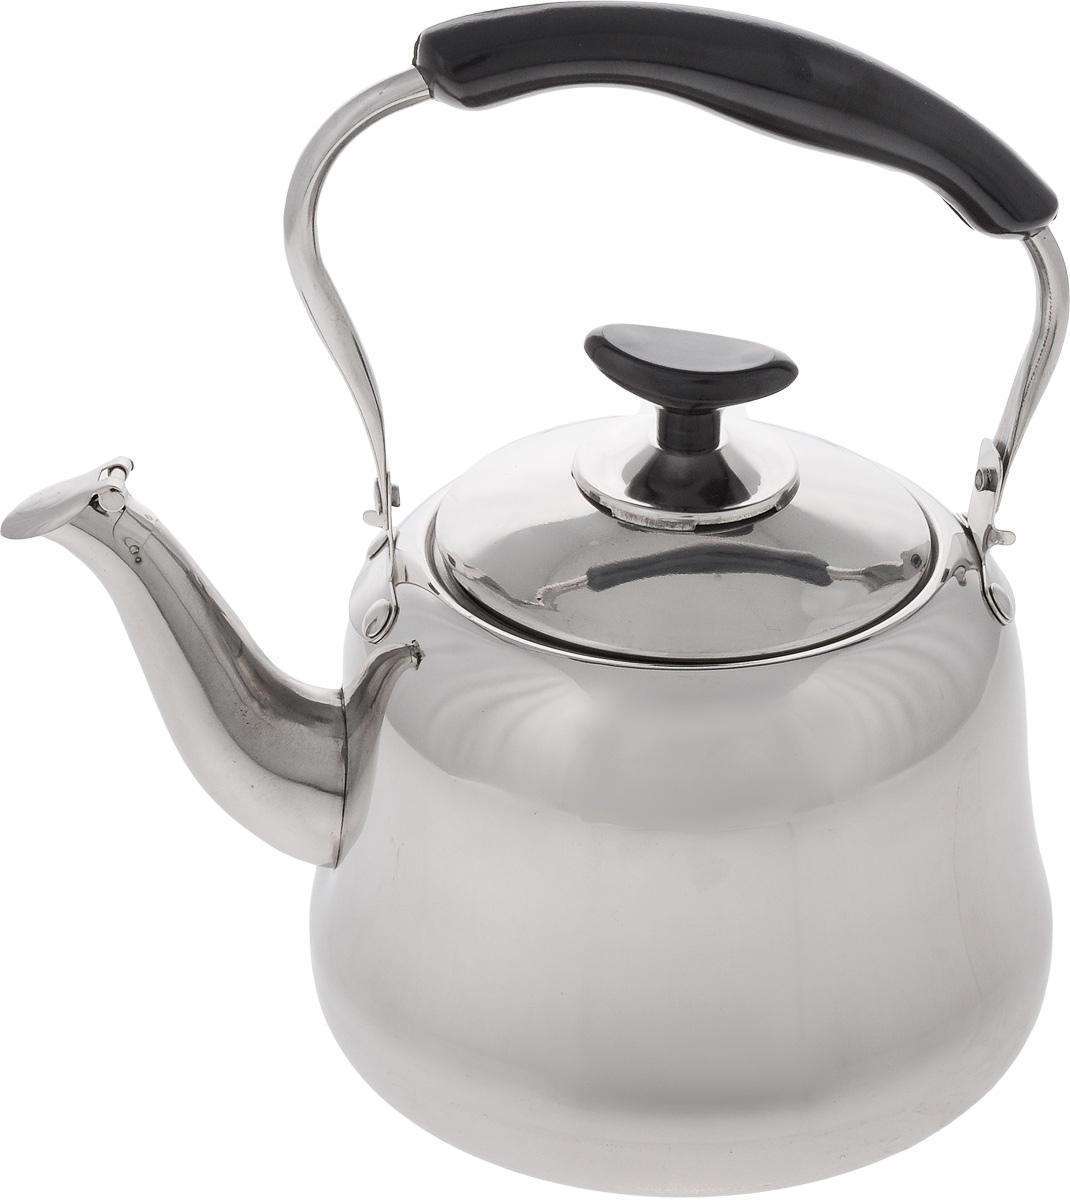 Чайник Mayer & Boch, со свистком, 2 л. 23505VT-1520(SR)Чайник Mayer & Boch изготовлен из высококачественной нержавеющей стали. Гигиеничен и устойчив к износу при длительном использовании. Гладкая и ровная поверхность существенно облегчает уход за посудой. Благодаря высококачественным материалам, при кипячении чайник сохраняет все полезные свойства воды. Носик чайника оснащен свистком, звуковой сигнал которого подскажет, когда закипит вода. Это освободит вас от непрерывного наблюдения за чайником. Эргономичная ручка выполнена из бакелита. Чайник со свистком Mayer & Boch подходит для использования на газовых, электрических и стеклокерамических плитах. Также изделие можно мыть в посудомоечной машине. Диаметр чайника (по верхнему краю): 10 см. Высота чайника (без учета крышки и ручки): 11,5 см. Высота чайника (с учетом ручки): 22,5 см.